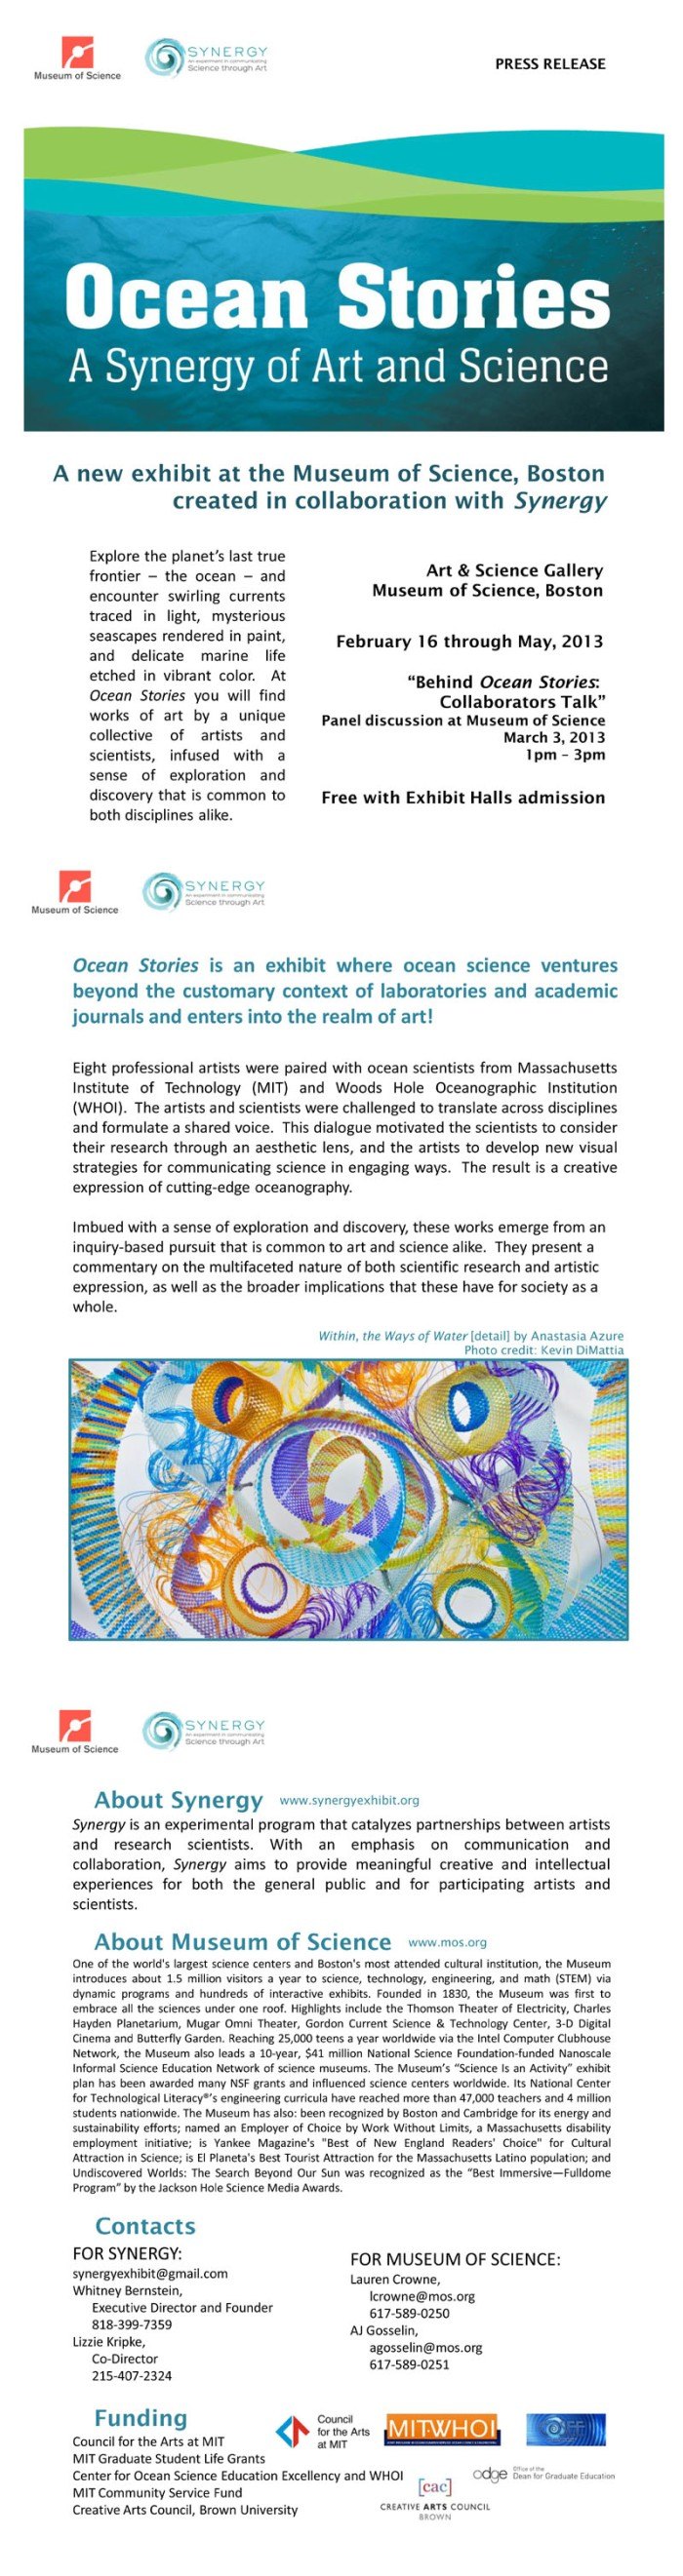 ocean stories with Karen Ristuben